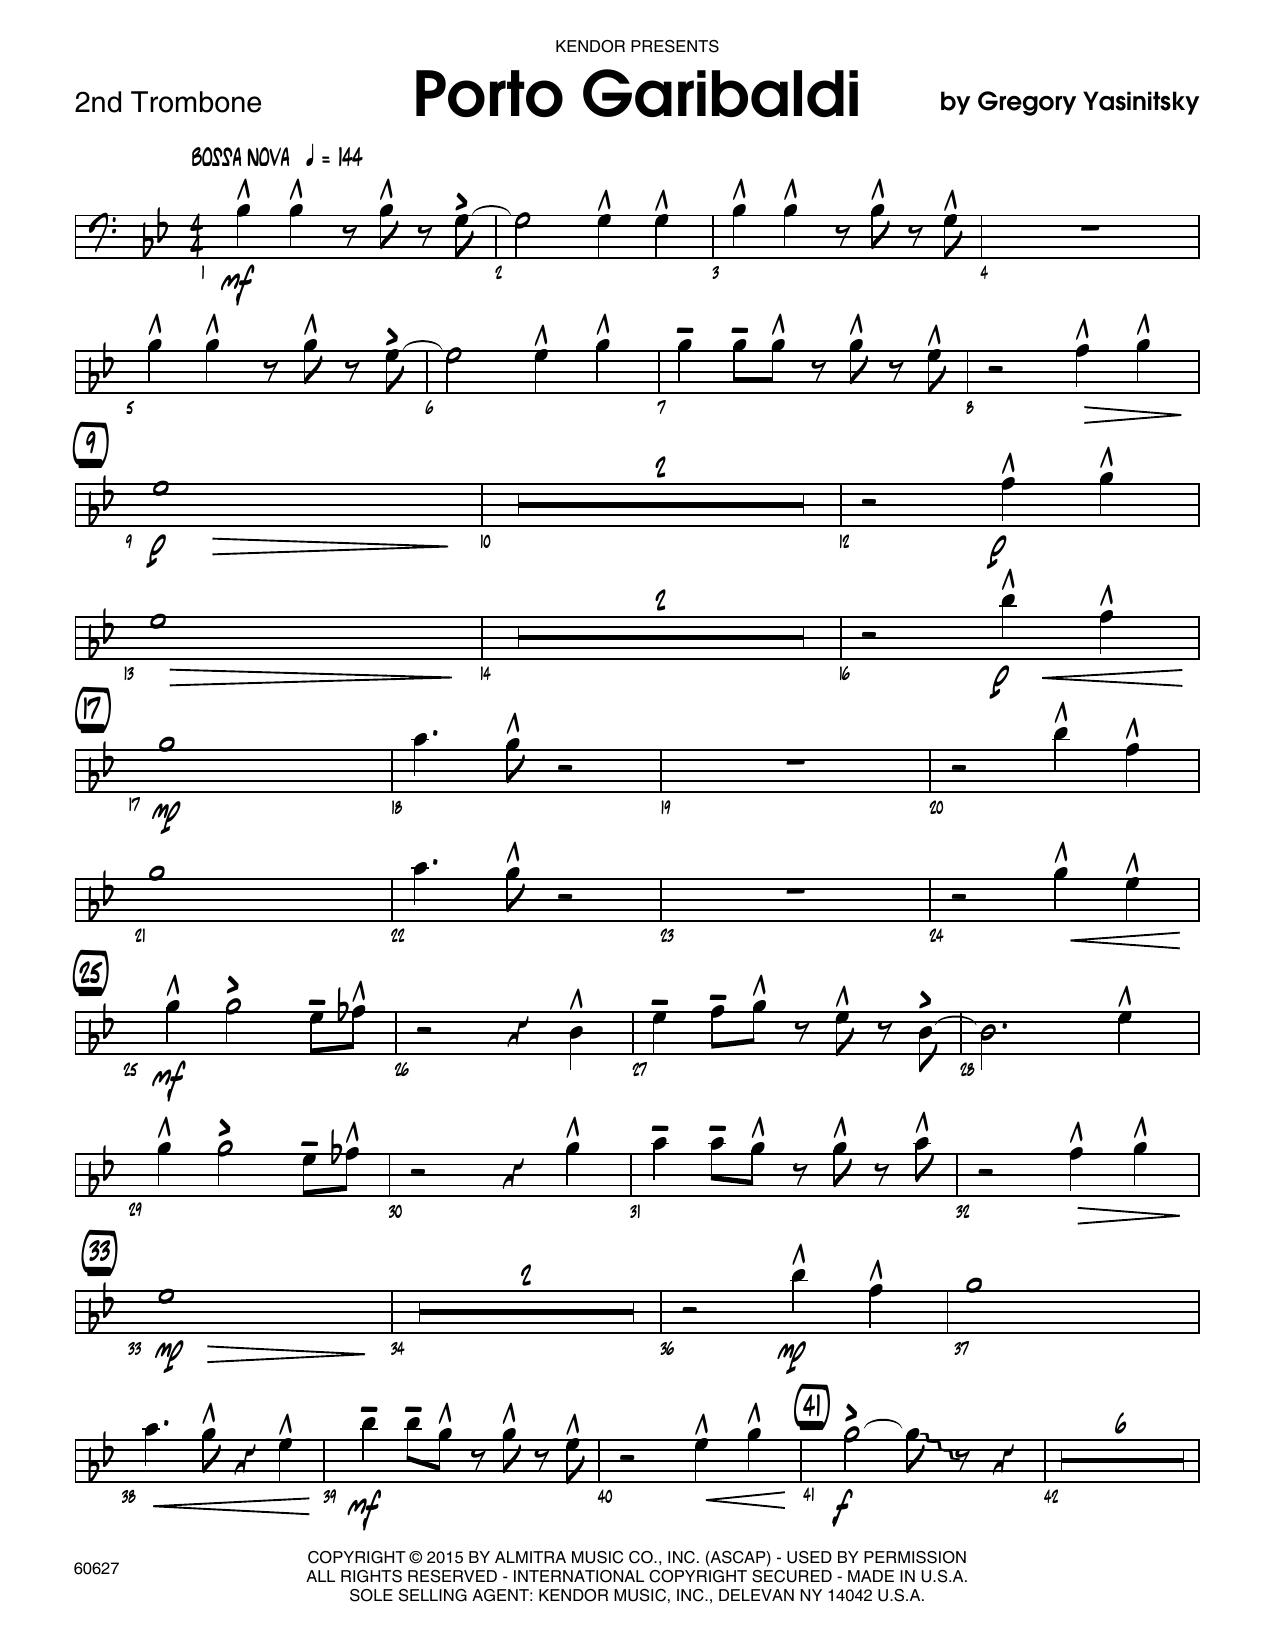 Porto Garibaldi - 2nd Trombone Sheet Music